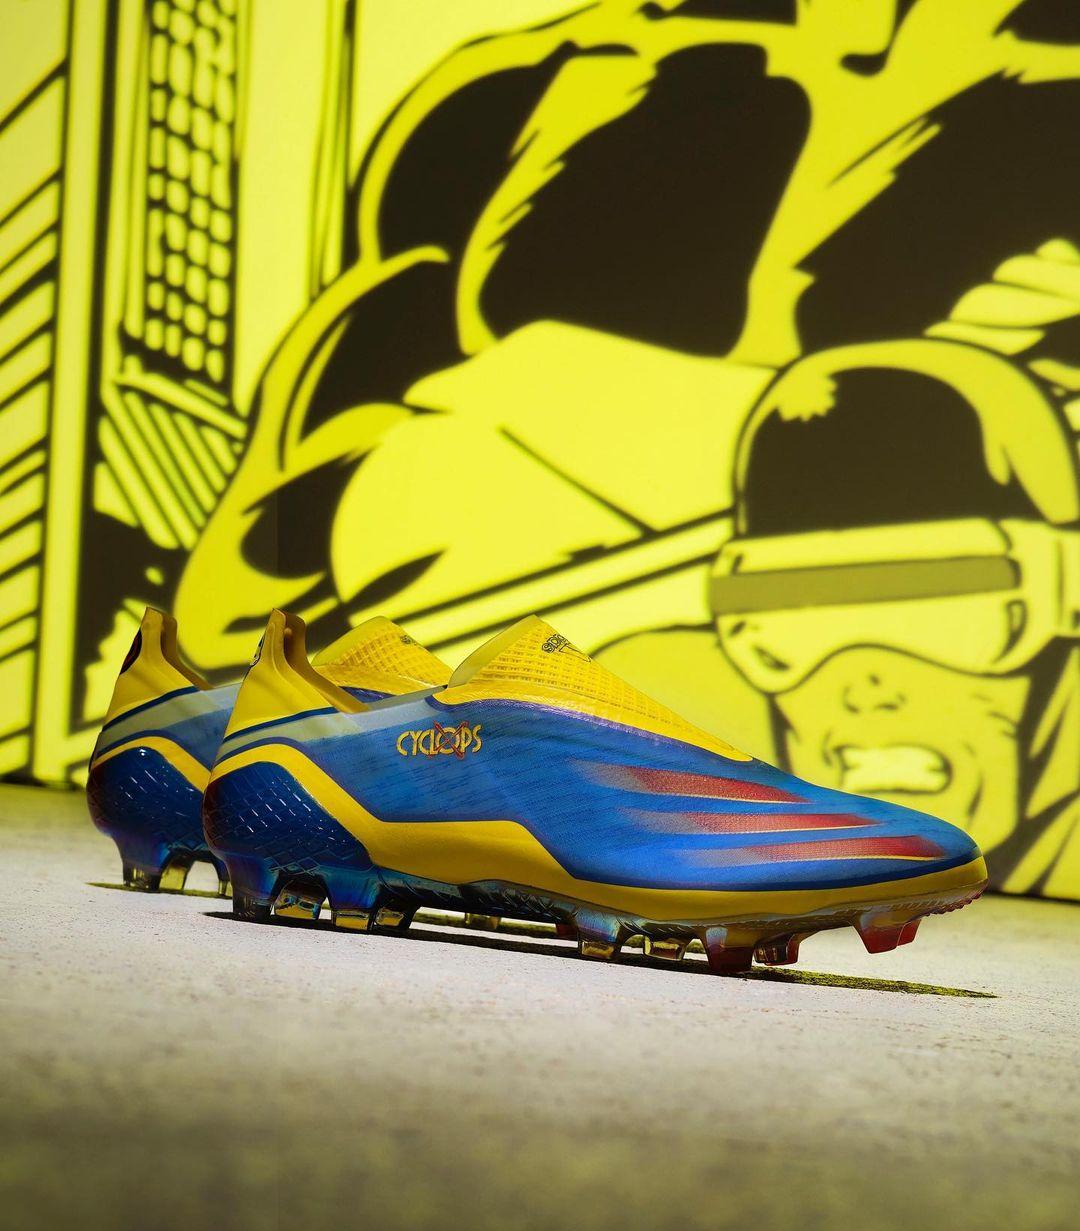 Adidas e Marvel lançam chuteiras inspiradas em Wolverine e Ciclope 2